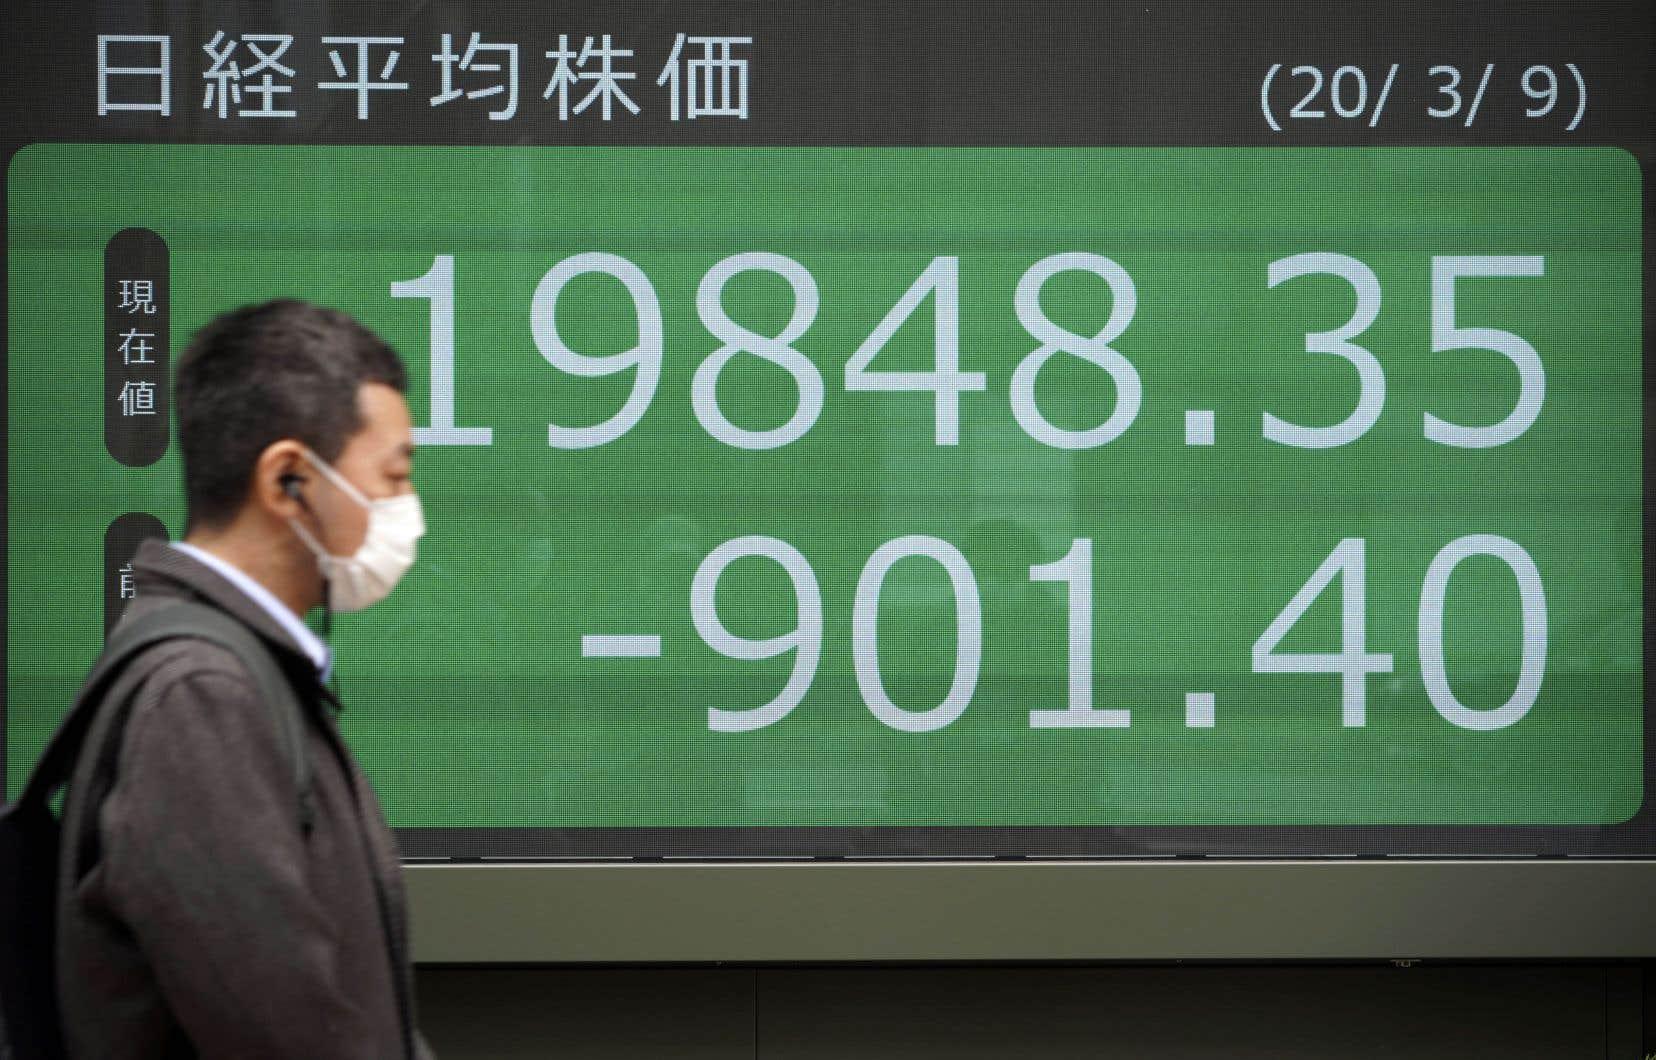 En fin de séance, l'indice Nikkei du Japon avait perdu 1050,99points à 19698,76.